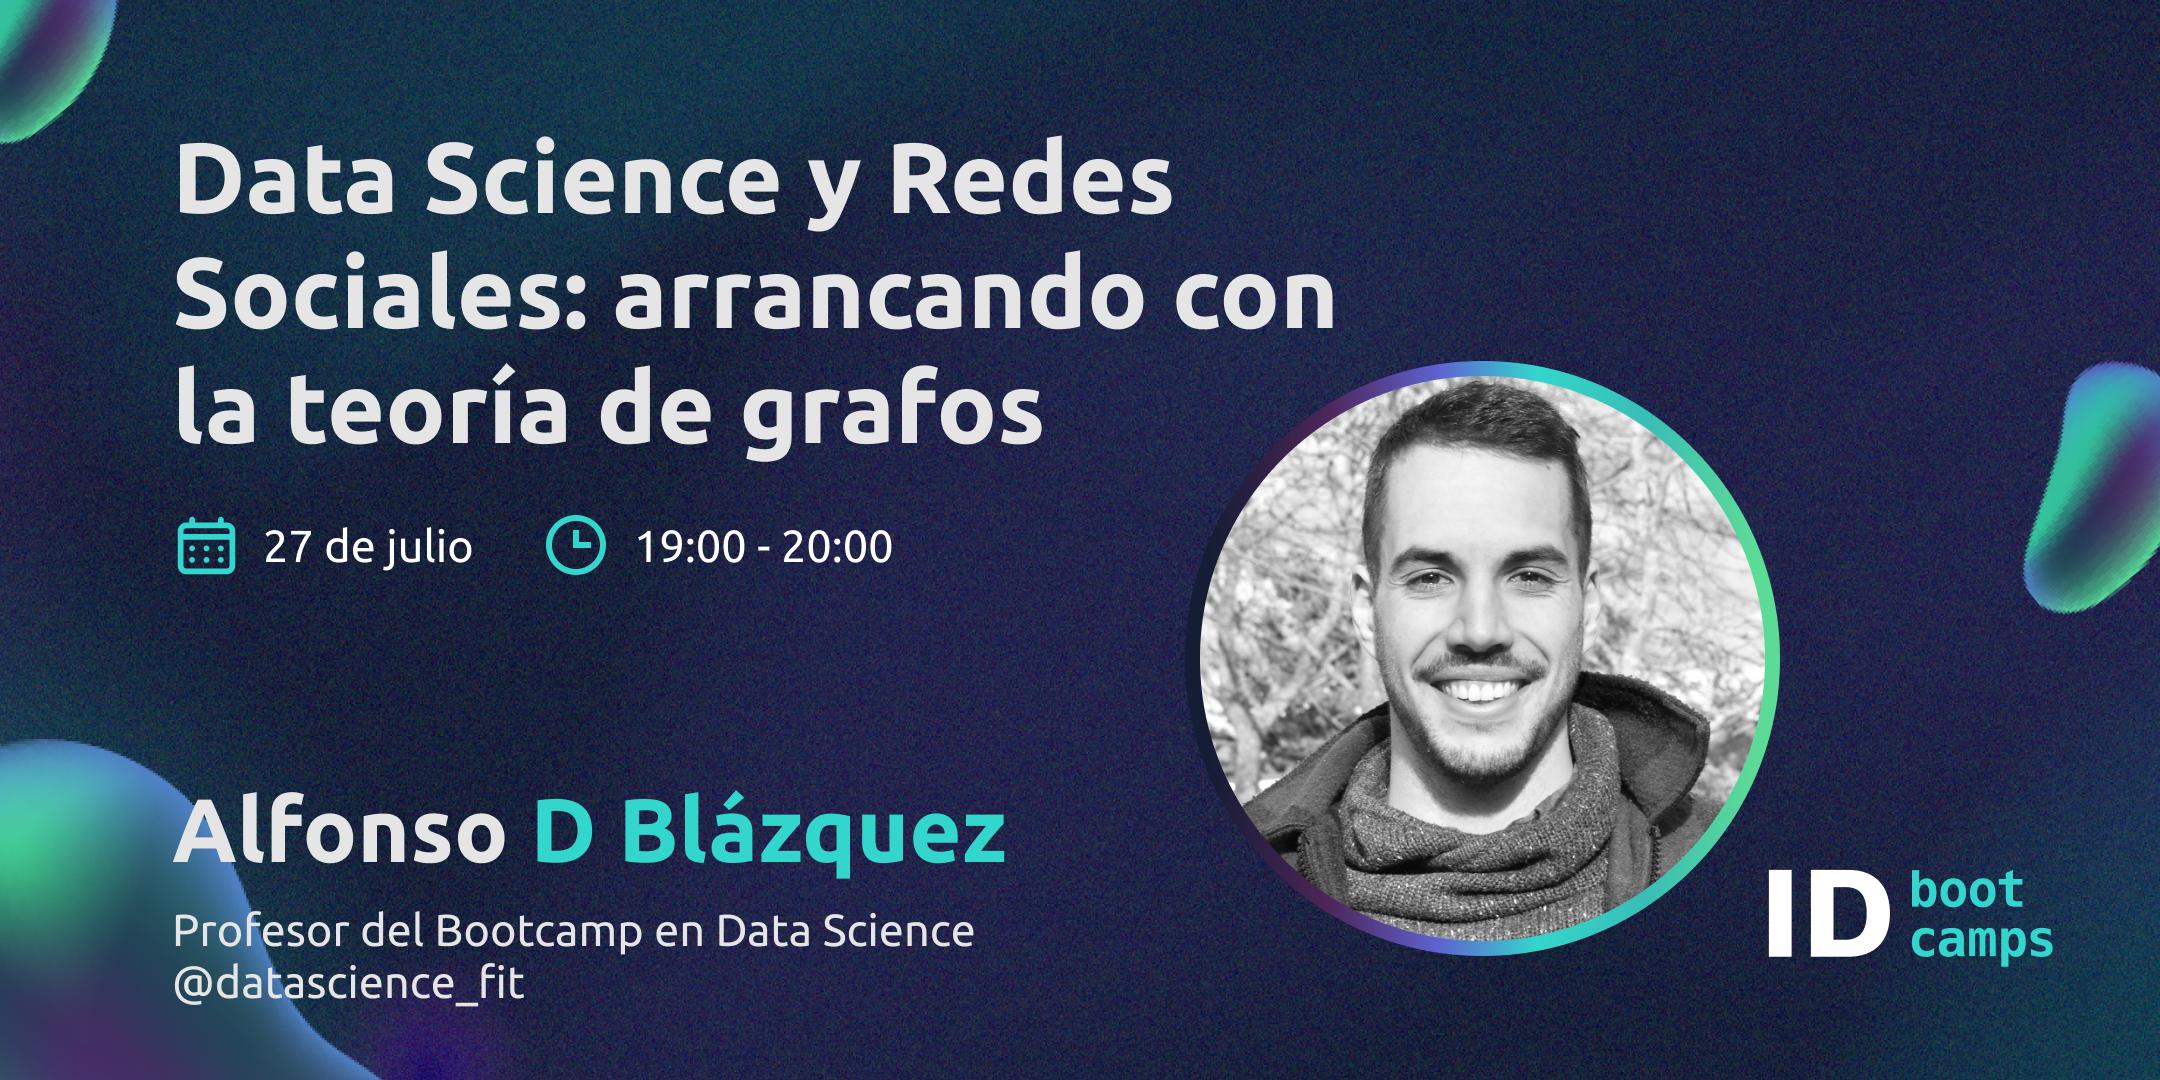 Evento Data Science y Redes Sociales: arrancando con la teoría de grafos - ID Bootcamps